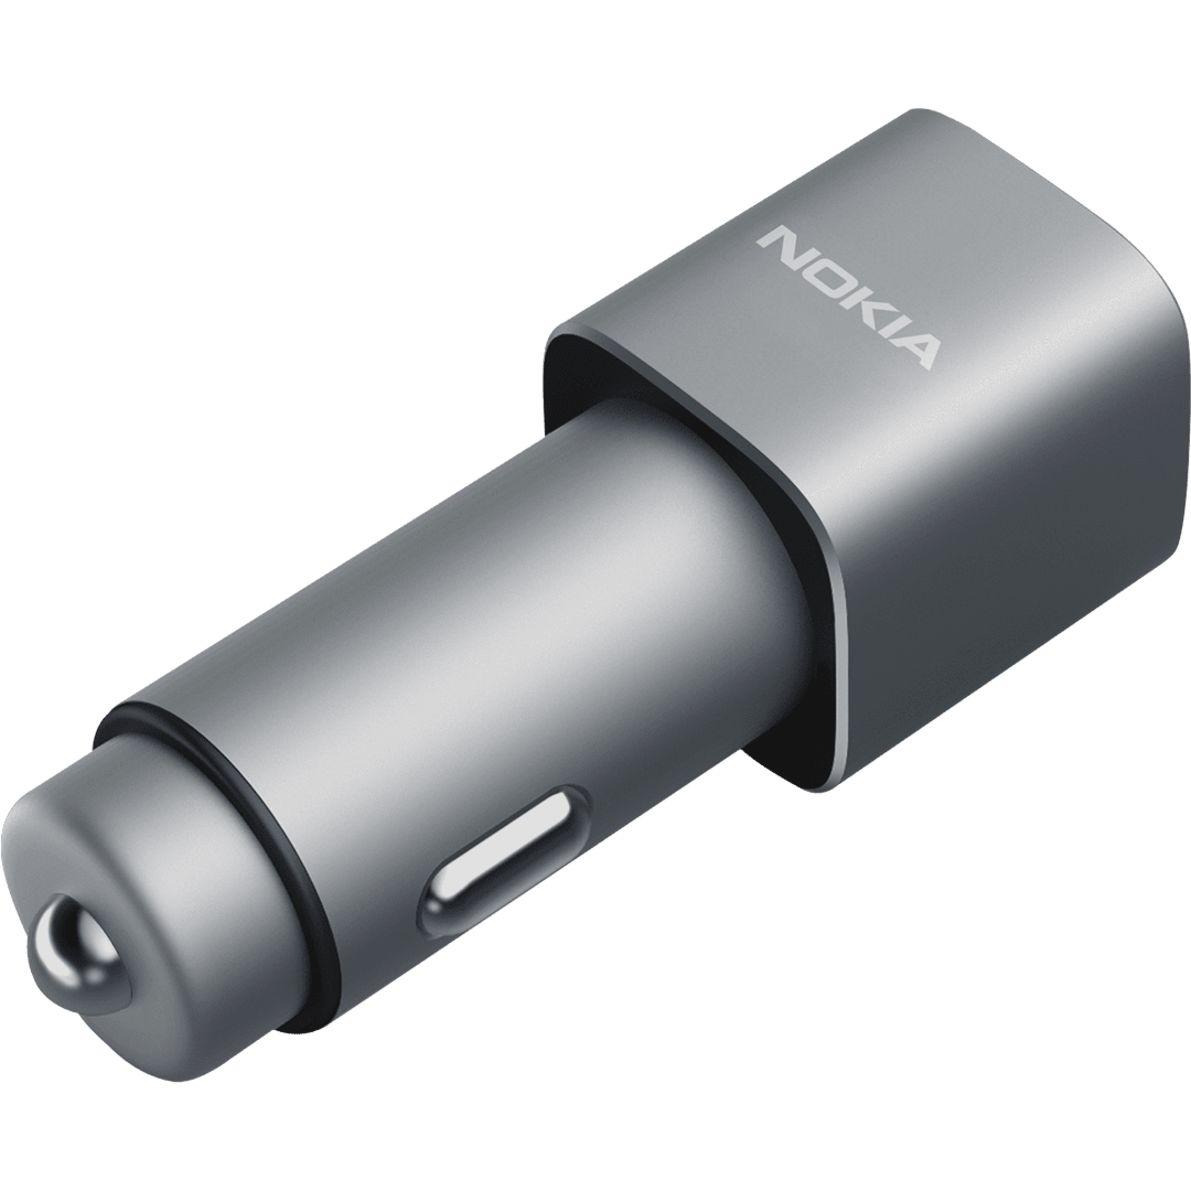 Podwójna ładowarka samochodowa USB Nokia z obsługą Quick